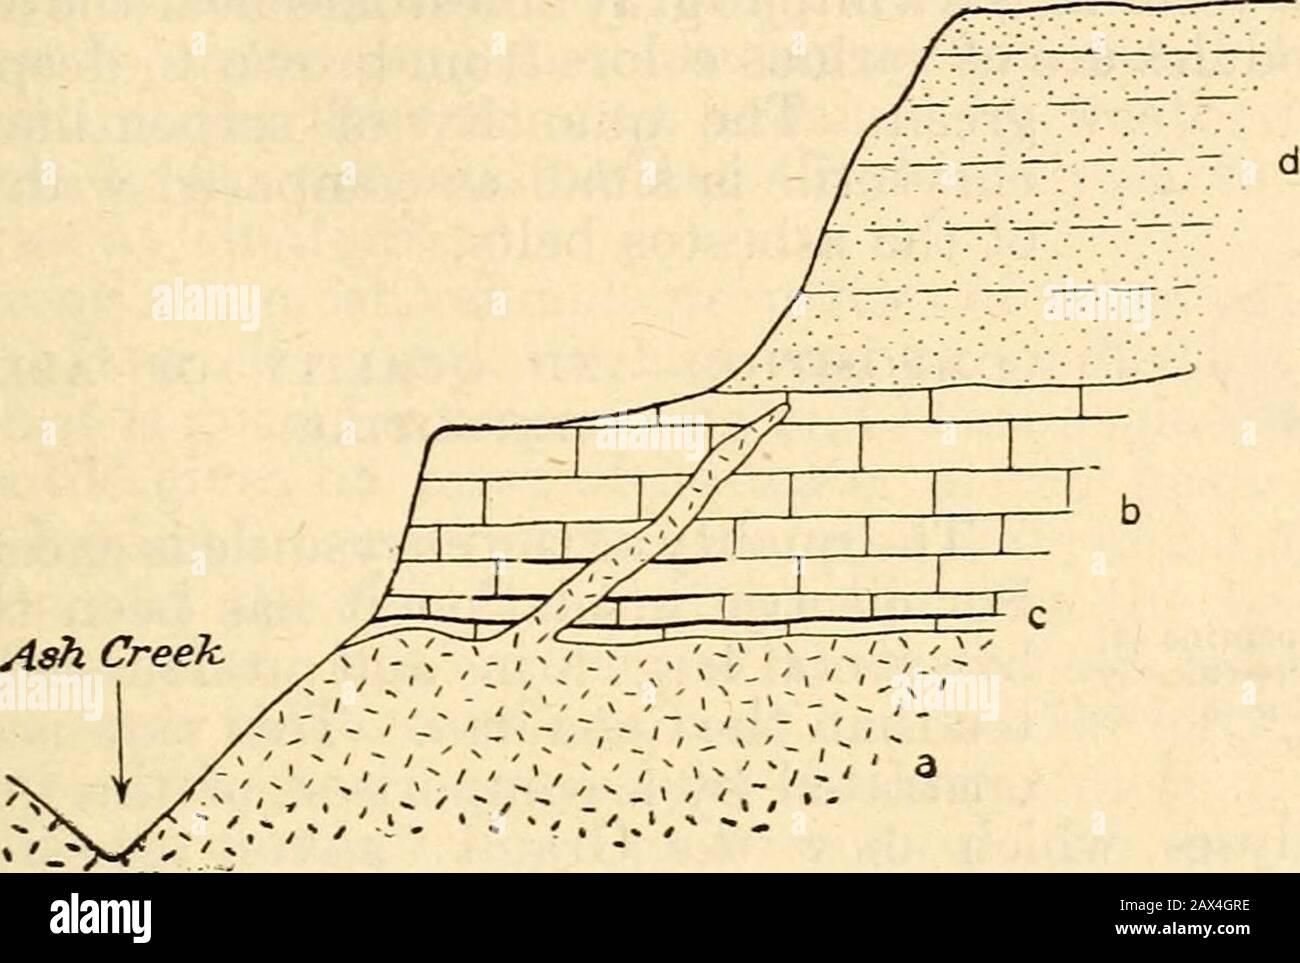 Los recursos minerales de los Estados Unidos . Ill se reconoce siempre como uno de los depósitos ostexcepcionales e interesantes todavía descubiertos. Toda la ab-sence de la trituración de rocas y la notable continuidad de las asbestosvenas aproximadamente en el plano de estratificación indican claramente que las venas no fueron depositadas en fisuras abiertas, sino por el reemplazo de serpentina en los planos de debilidad algo más tarde que el de-desarrollo de la serpentina misma. También aquí tenemos evidencia convincente del desarrollo del asbesto por intrusión igneous. Wemay, por lo tanto, el más fácilmente de acuerdo al Foto de stock